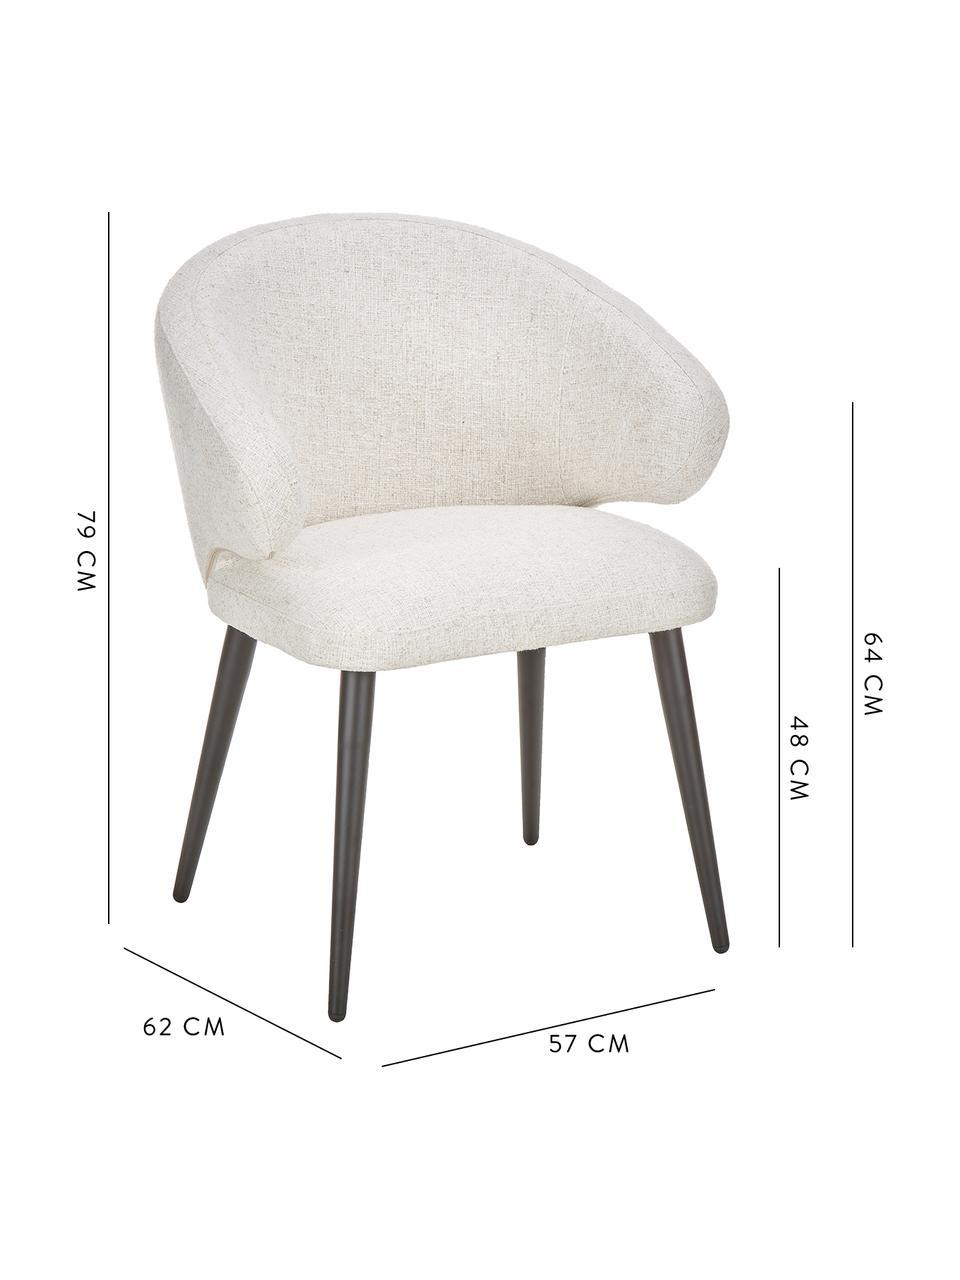 Moderní buklé židle spodručkami Celia, Krémově bílá